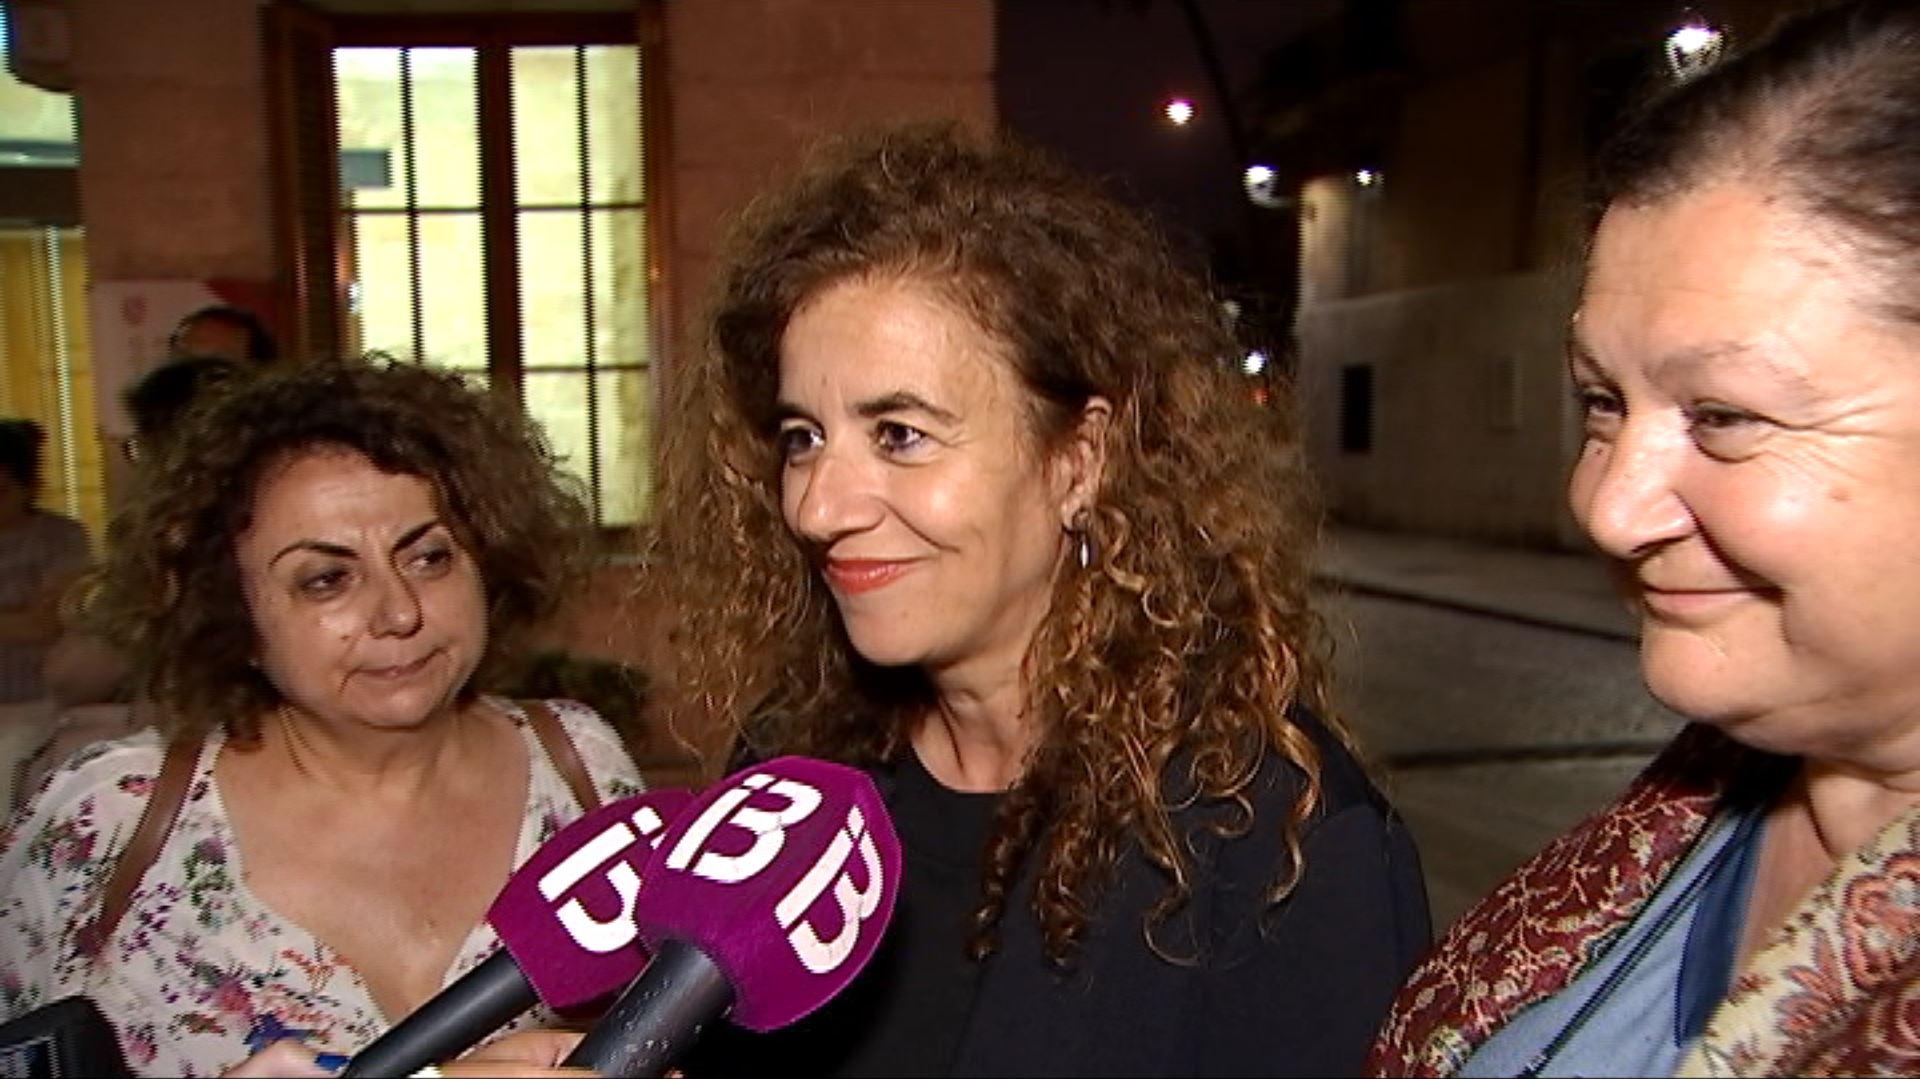 PSIB%2C+M%C3%89S+per+Mallorca+i+Podem+assoleixen+un+preacord+per+formar+Govern